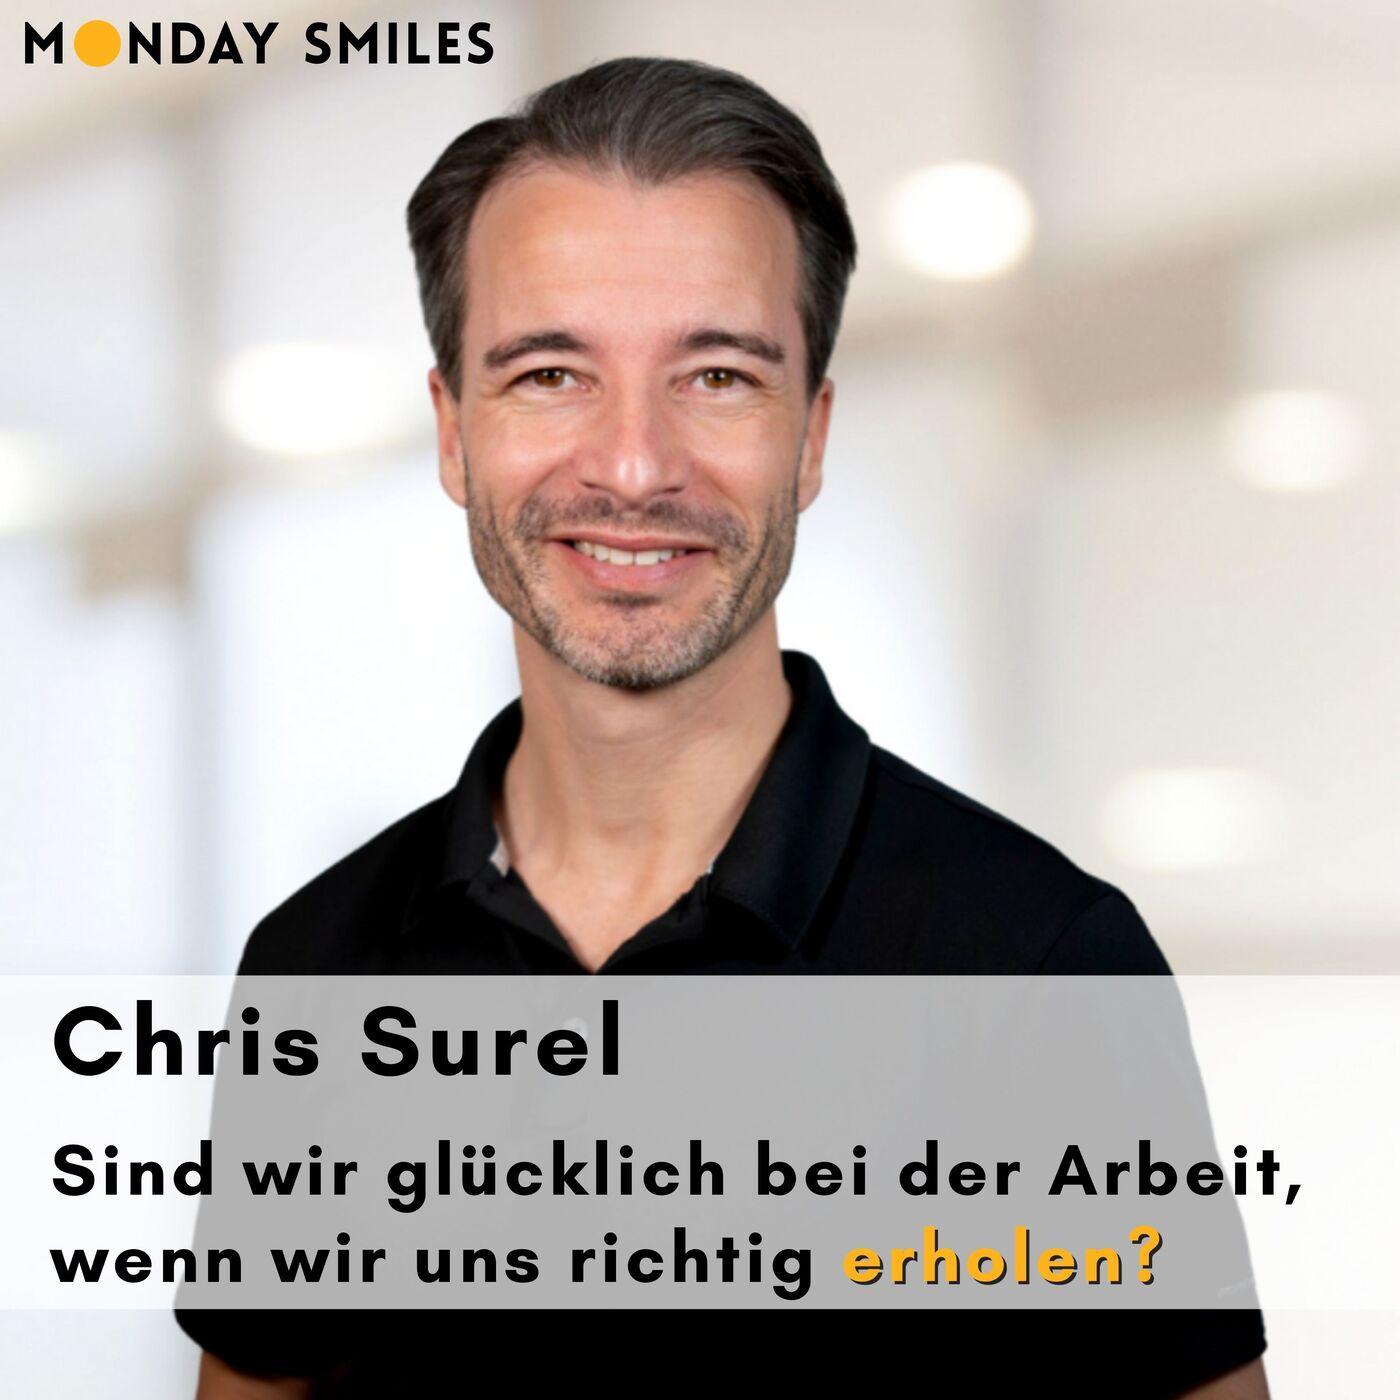 16 - Chris Surel: Sind wir glücklich bei der Arbeit, wenn wir uns richtig erholen?